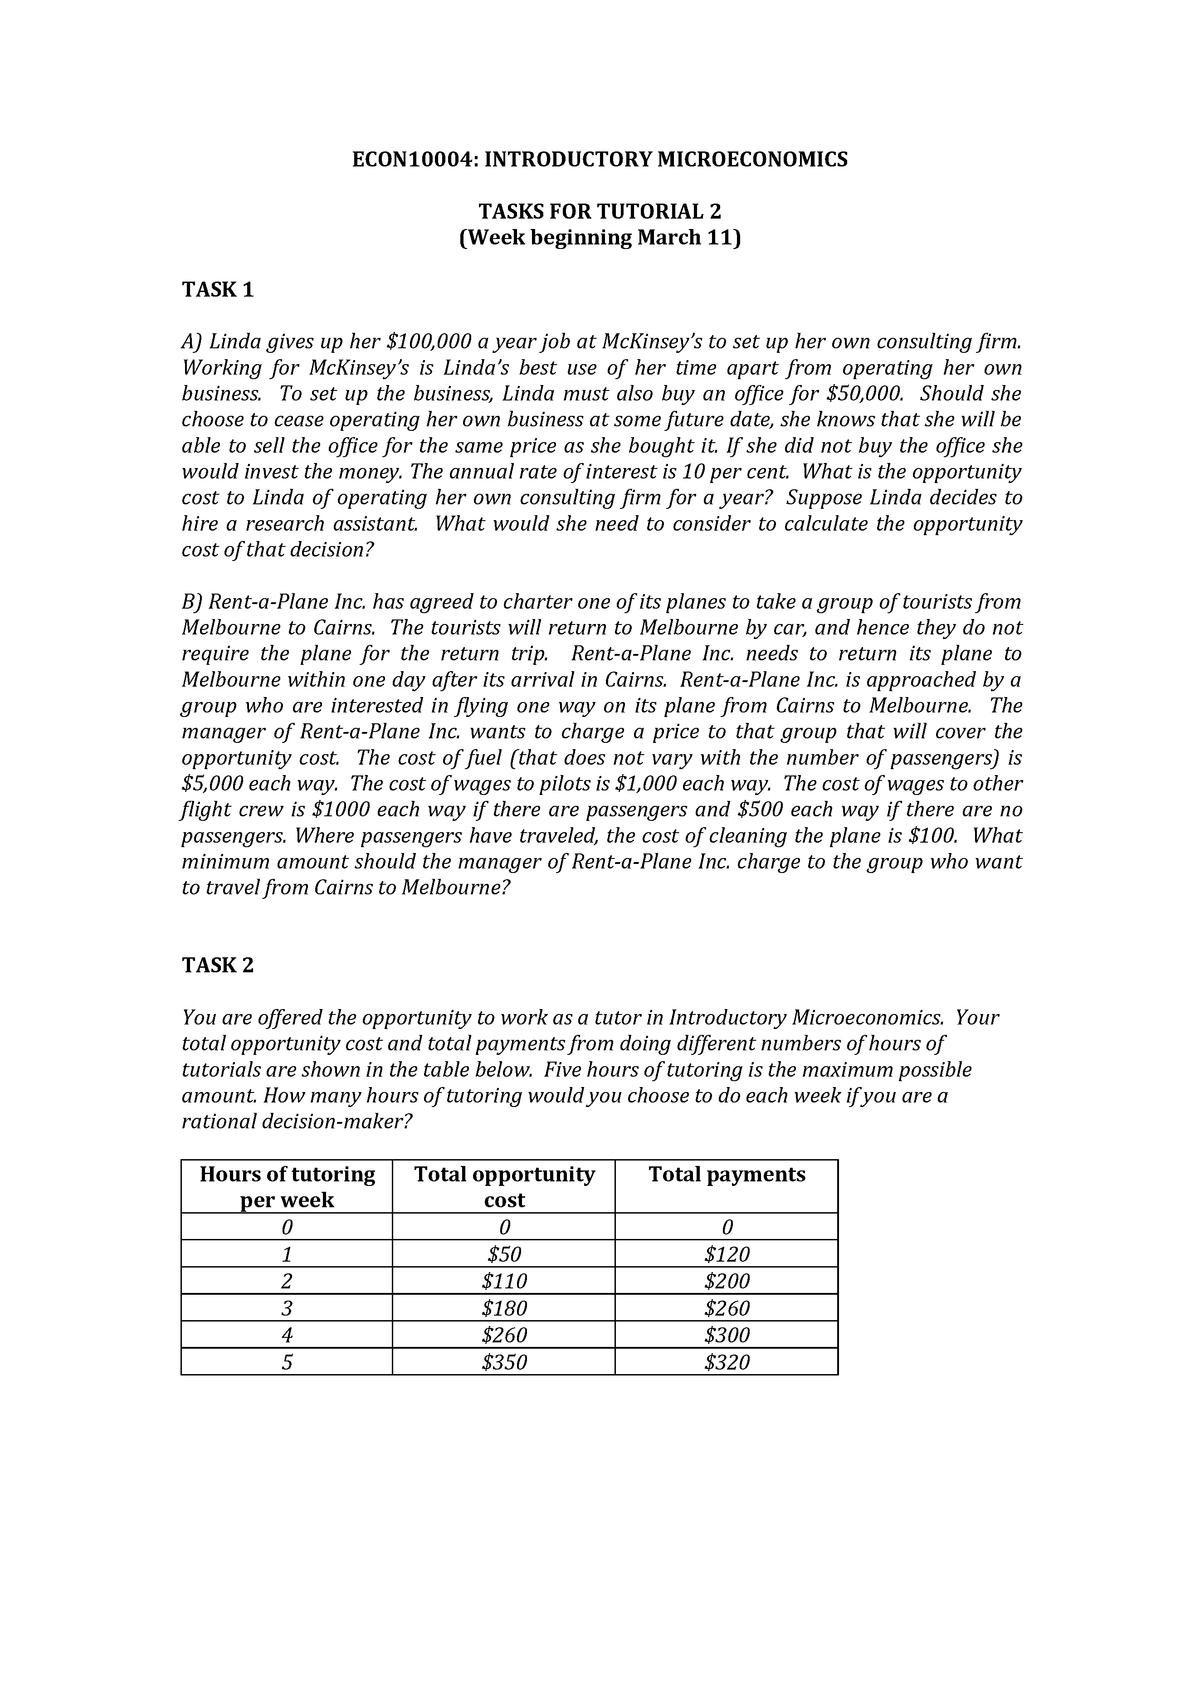 W2 in-tute - Week 2 tutorial questions - ECON10004